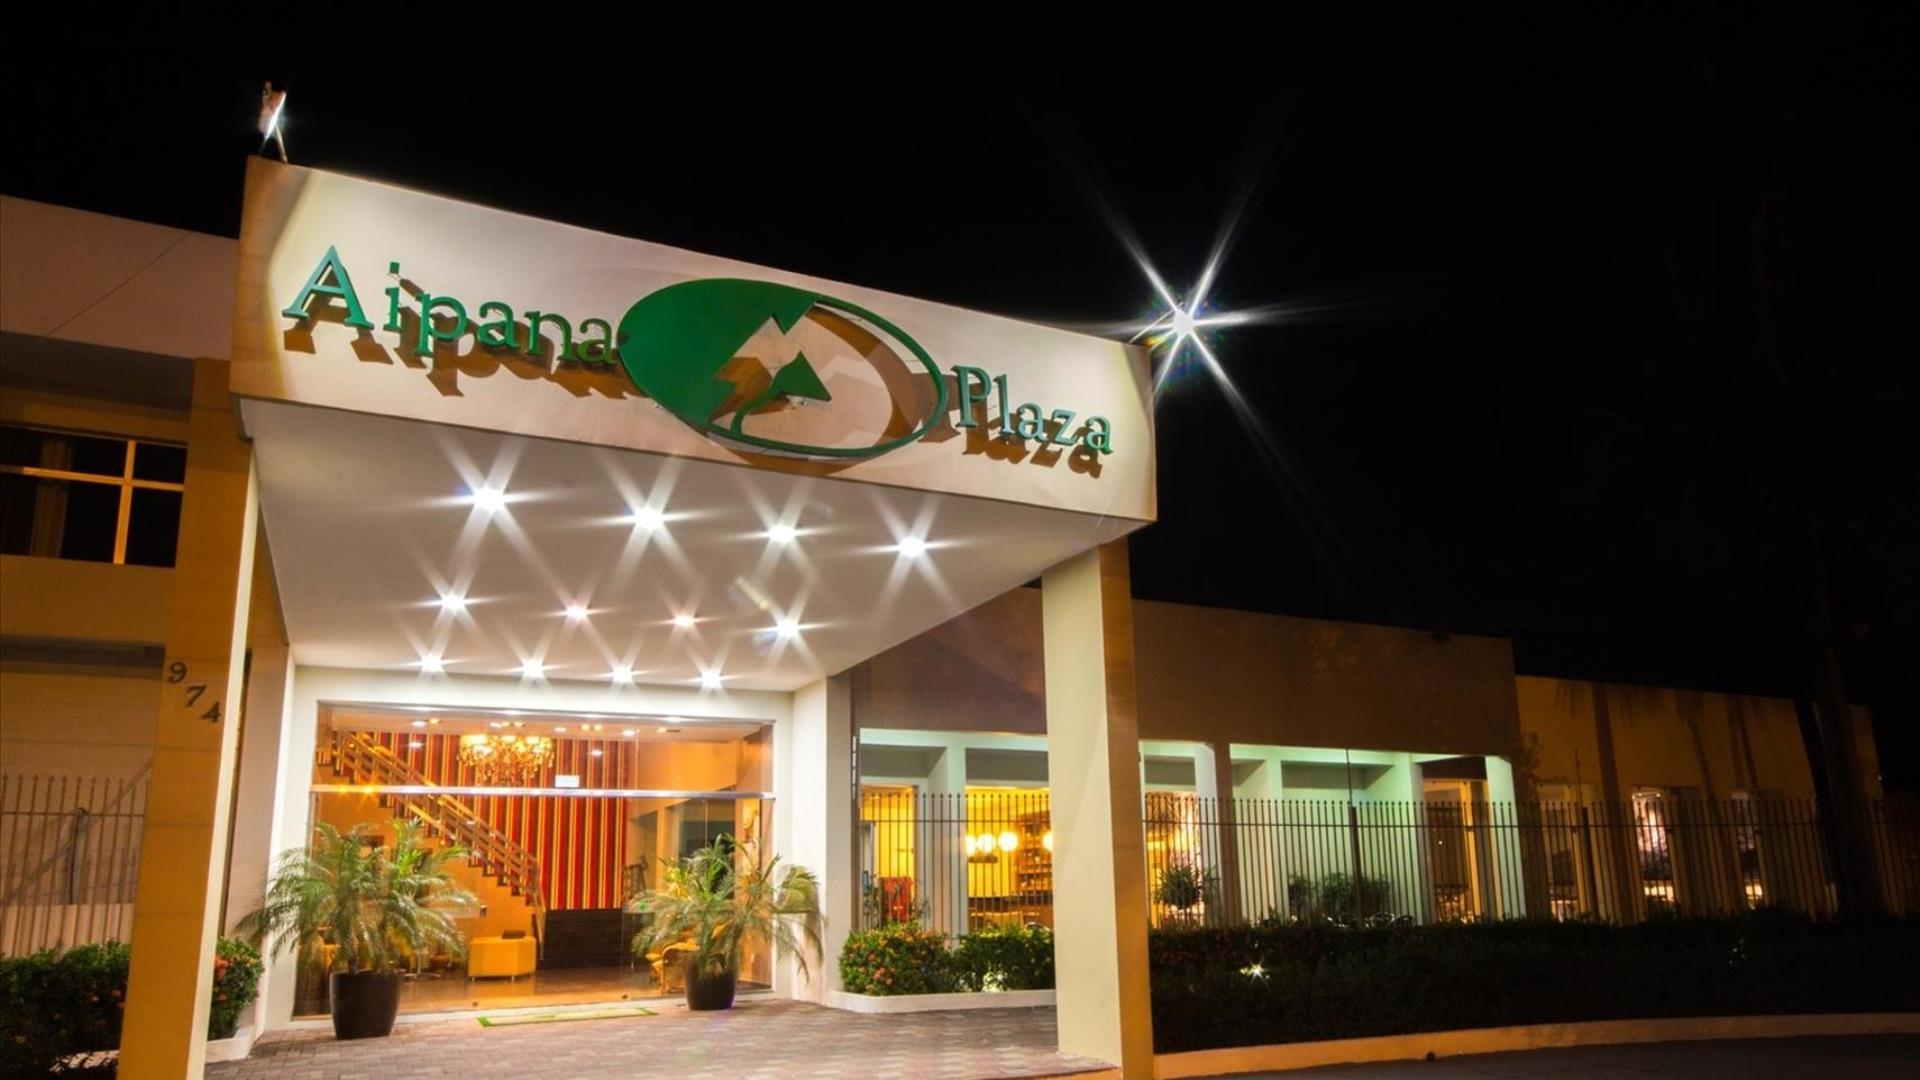 Brasilien Boa Vista: Standard Hotel - Hotel Aipana Plaza